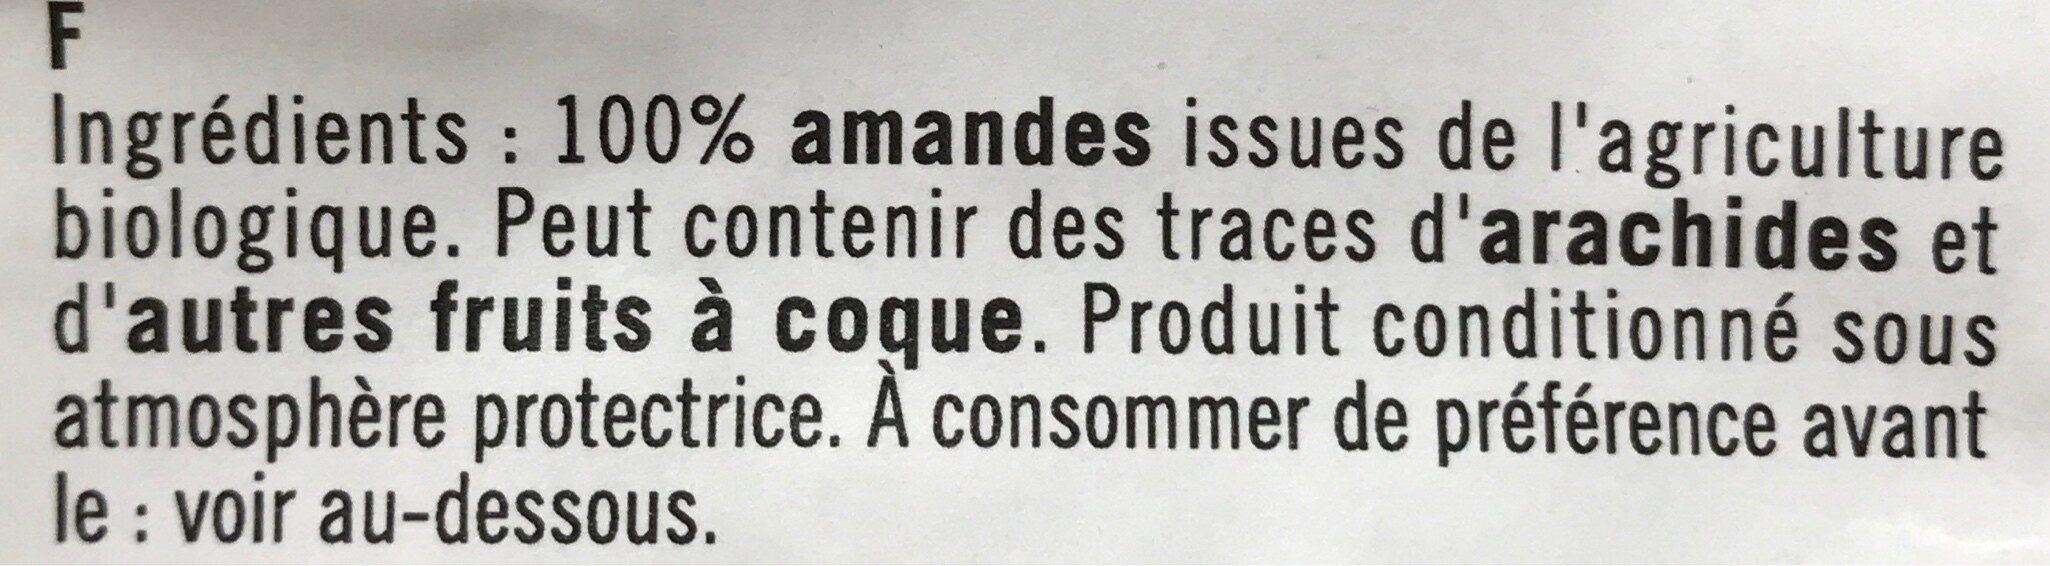 Amandes decortiquees - Ingrédients - fr